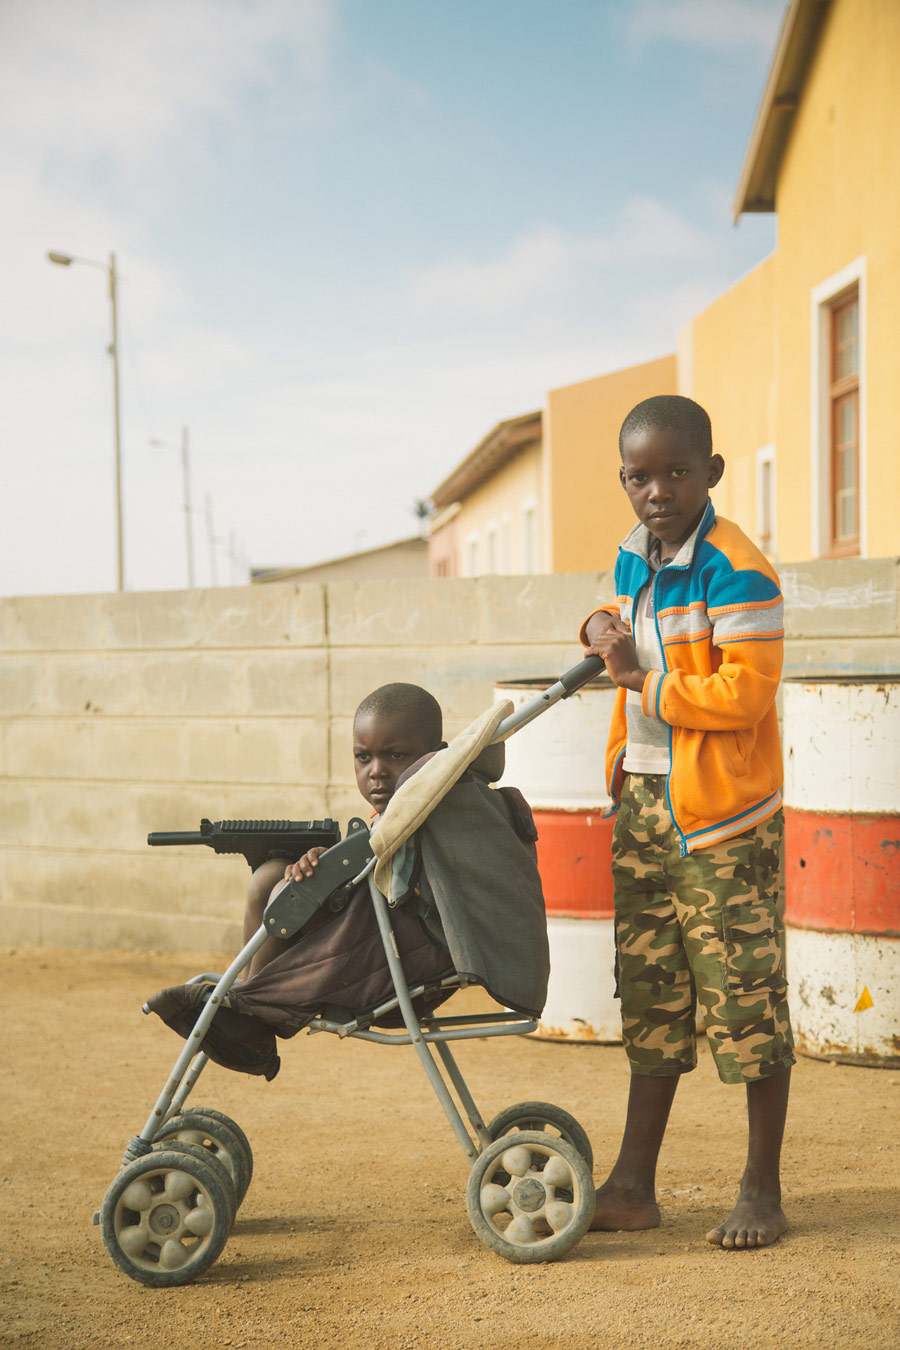 Дети солдатов, © Оуисурф, Монреаль, Финалист категории «Портреты в путешествии», профессионал, Фотоконкурс экстремальных путешествий «Мир в фокусе» — World In Focus